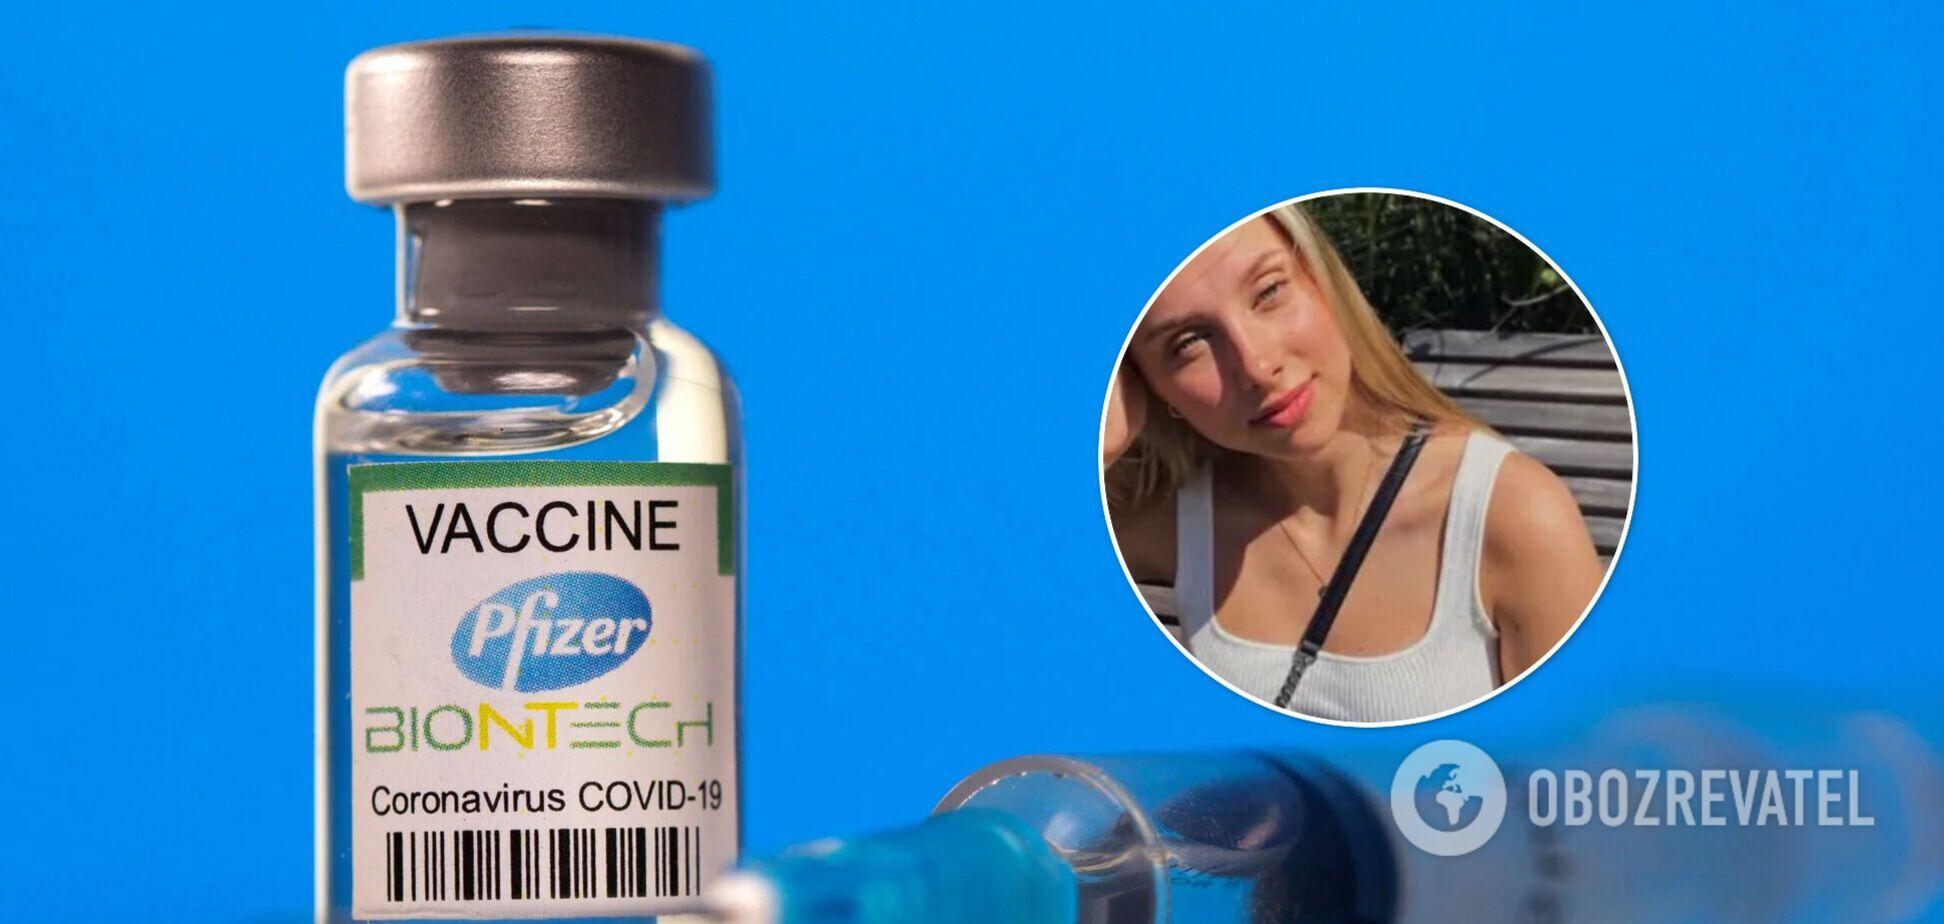 Увеличении груди после вакцинации Pfizer